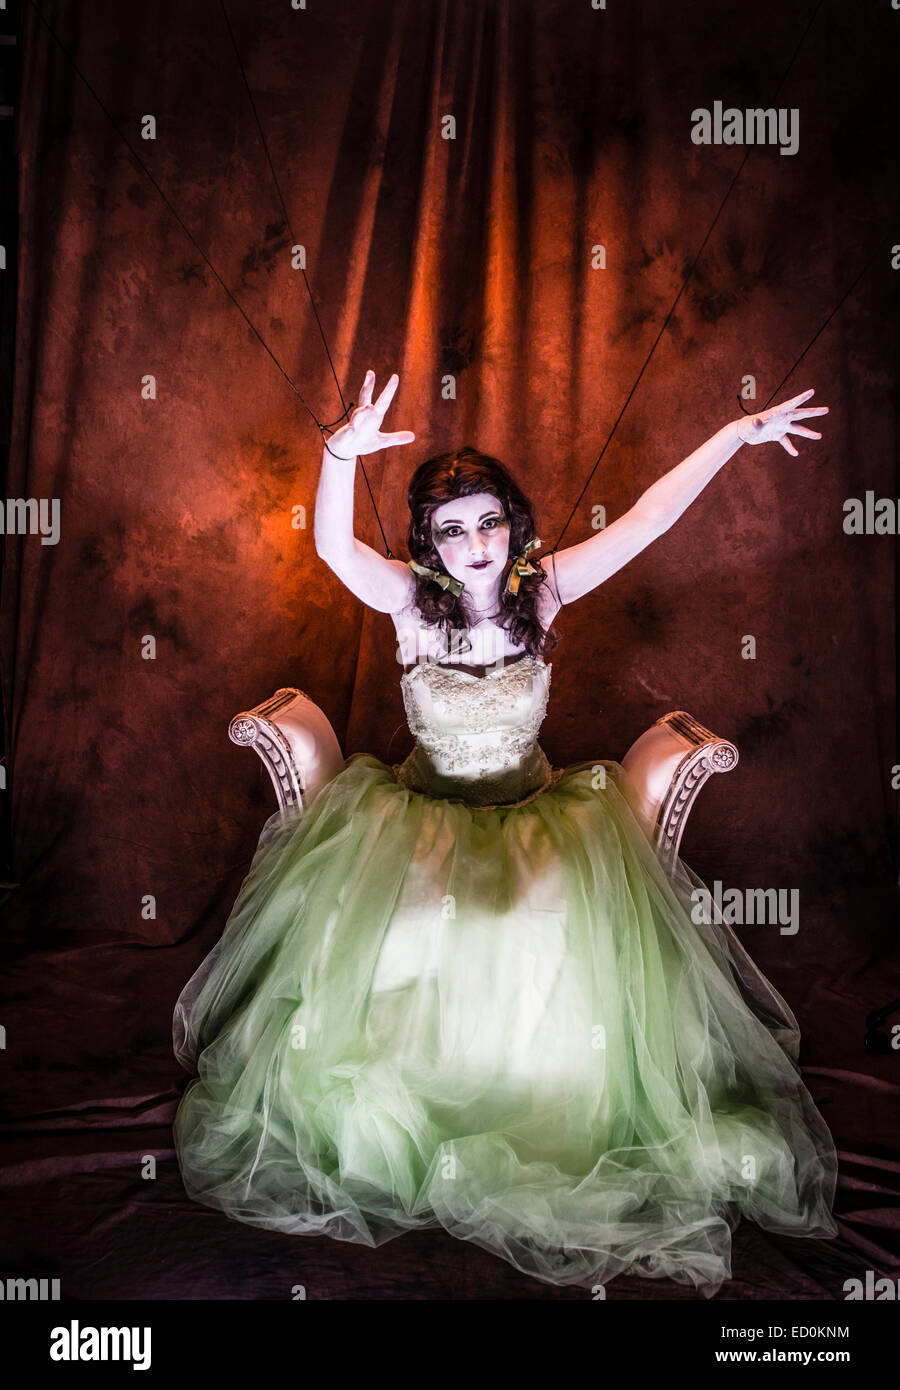 Fantasy-Makeover-Fotografie: eine junge Frau-Mädchen-Modell gebildet um zu schauen wie White-faced bemalte Puppe Stockfoto